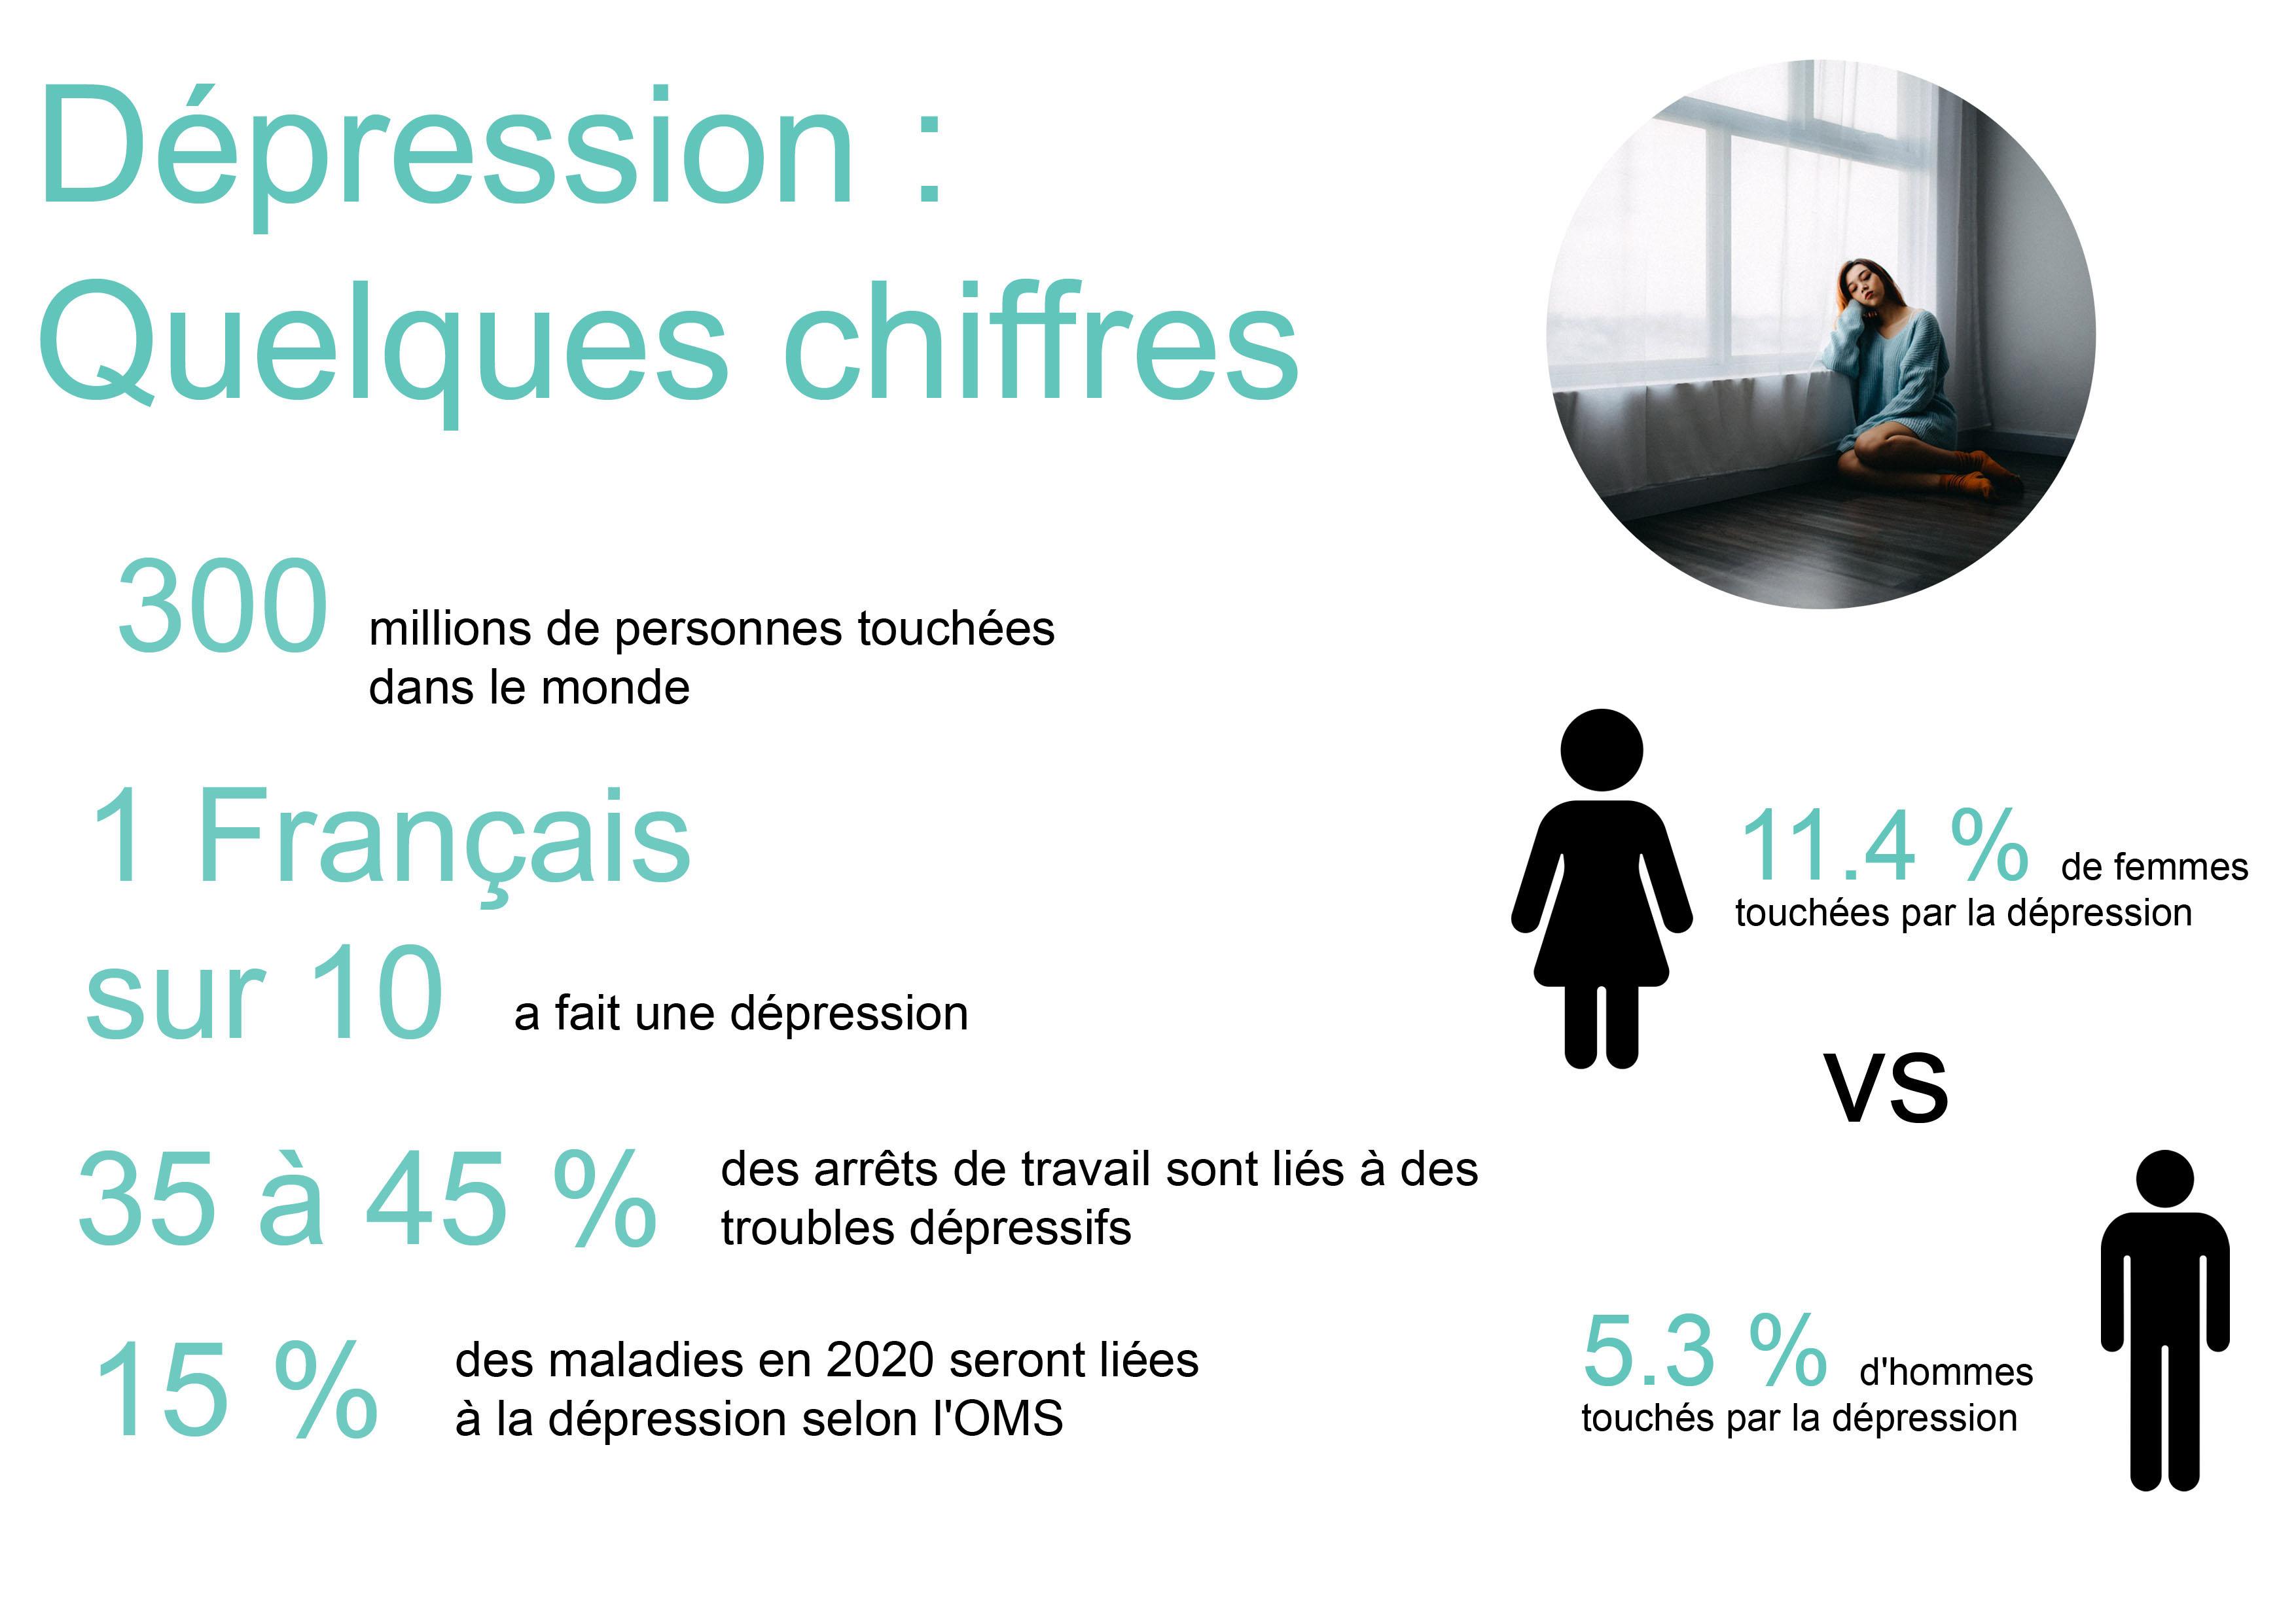 Quelques chiffres sur la dépression